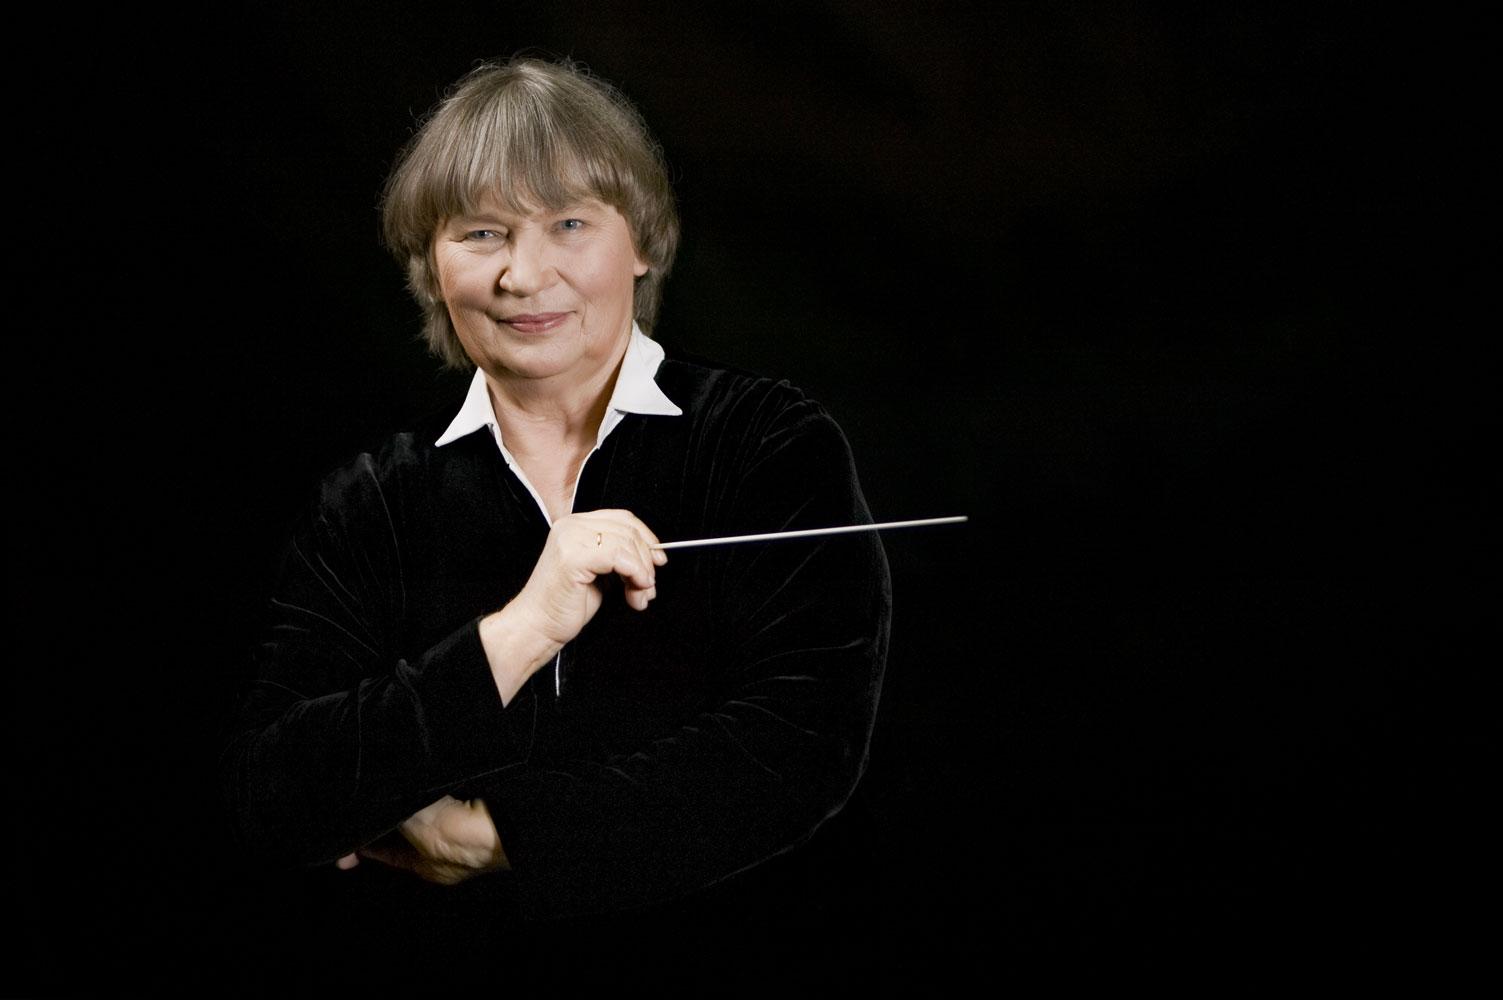 Agnieszka Duczmal, AMADEUS © K. Babka